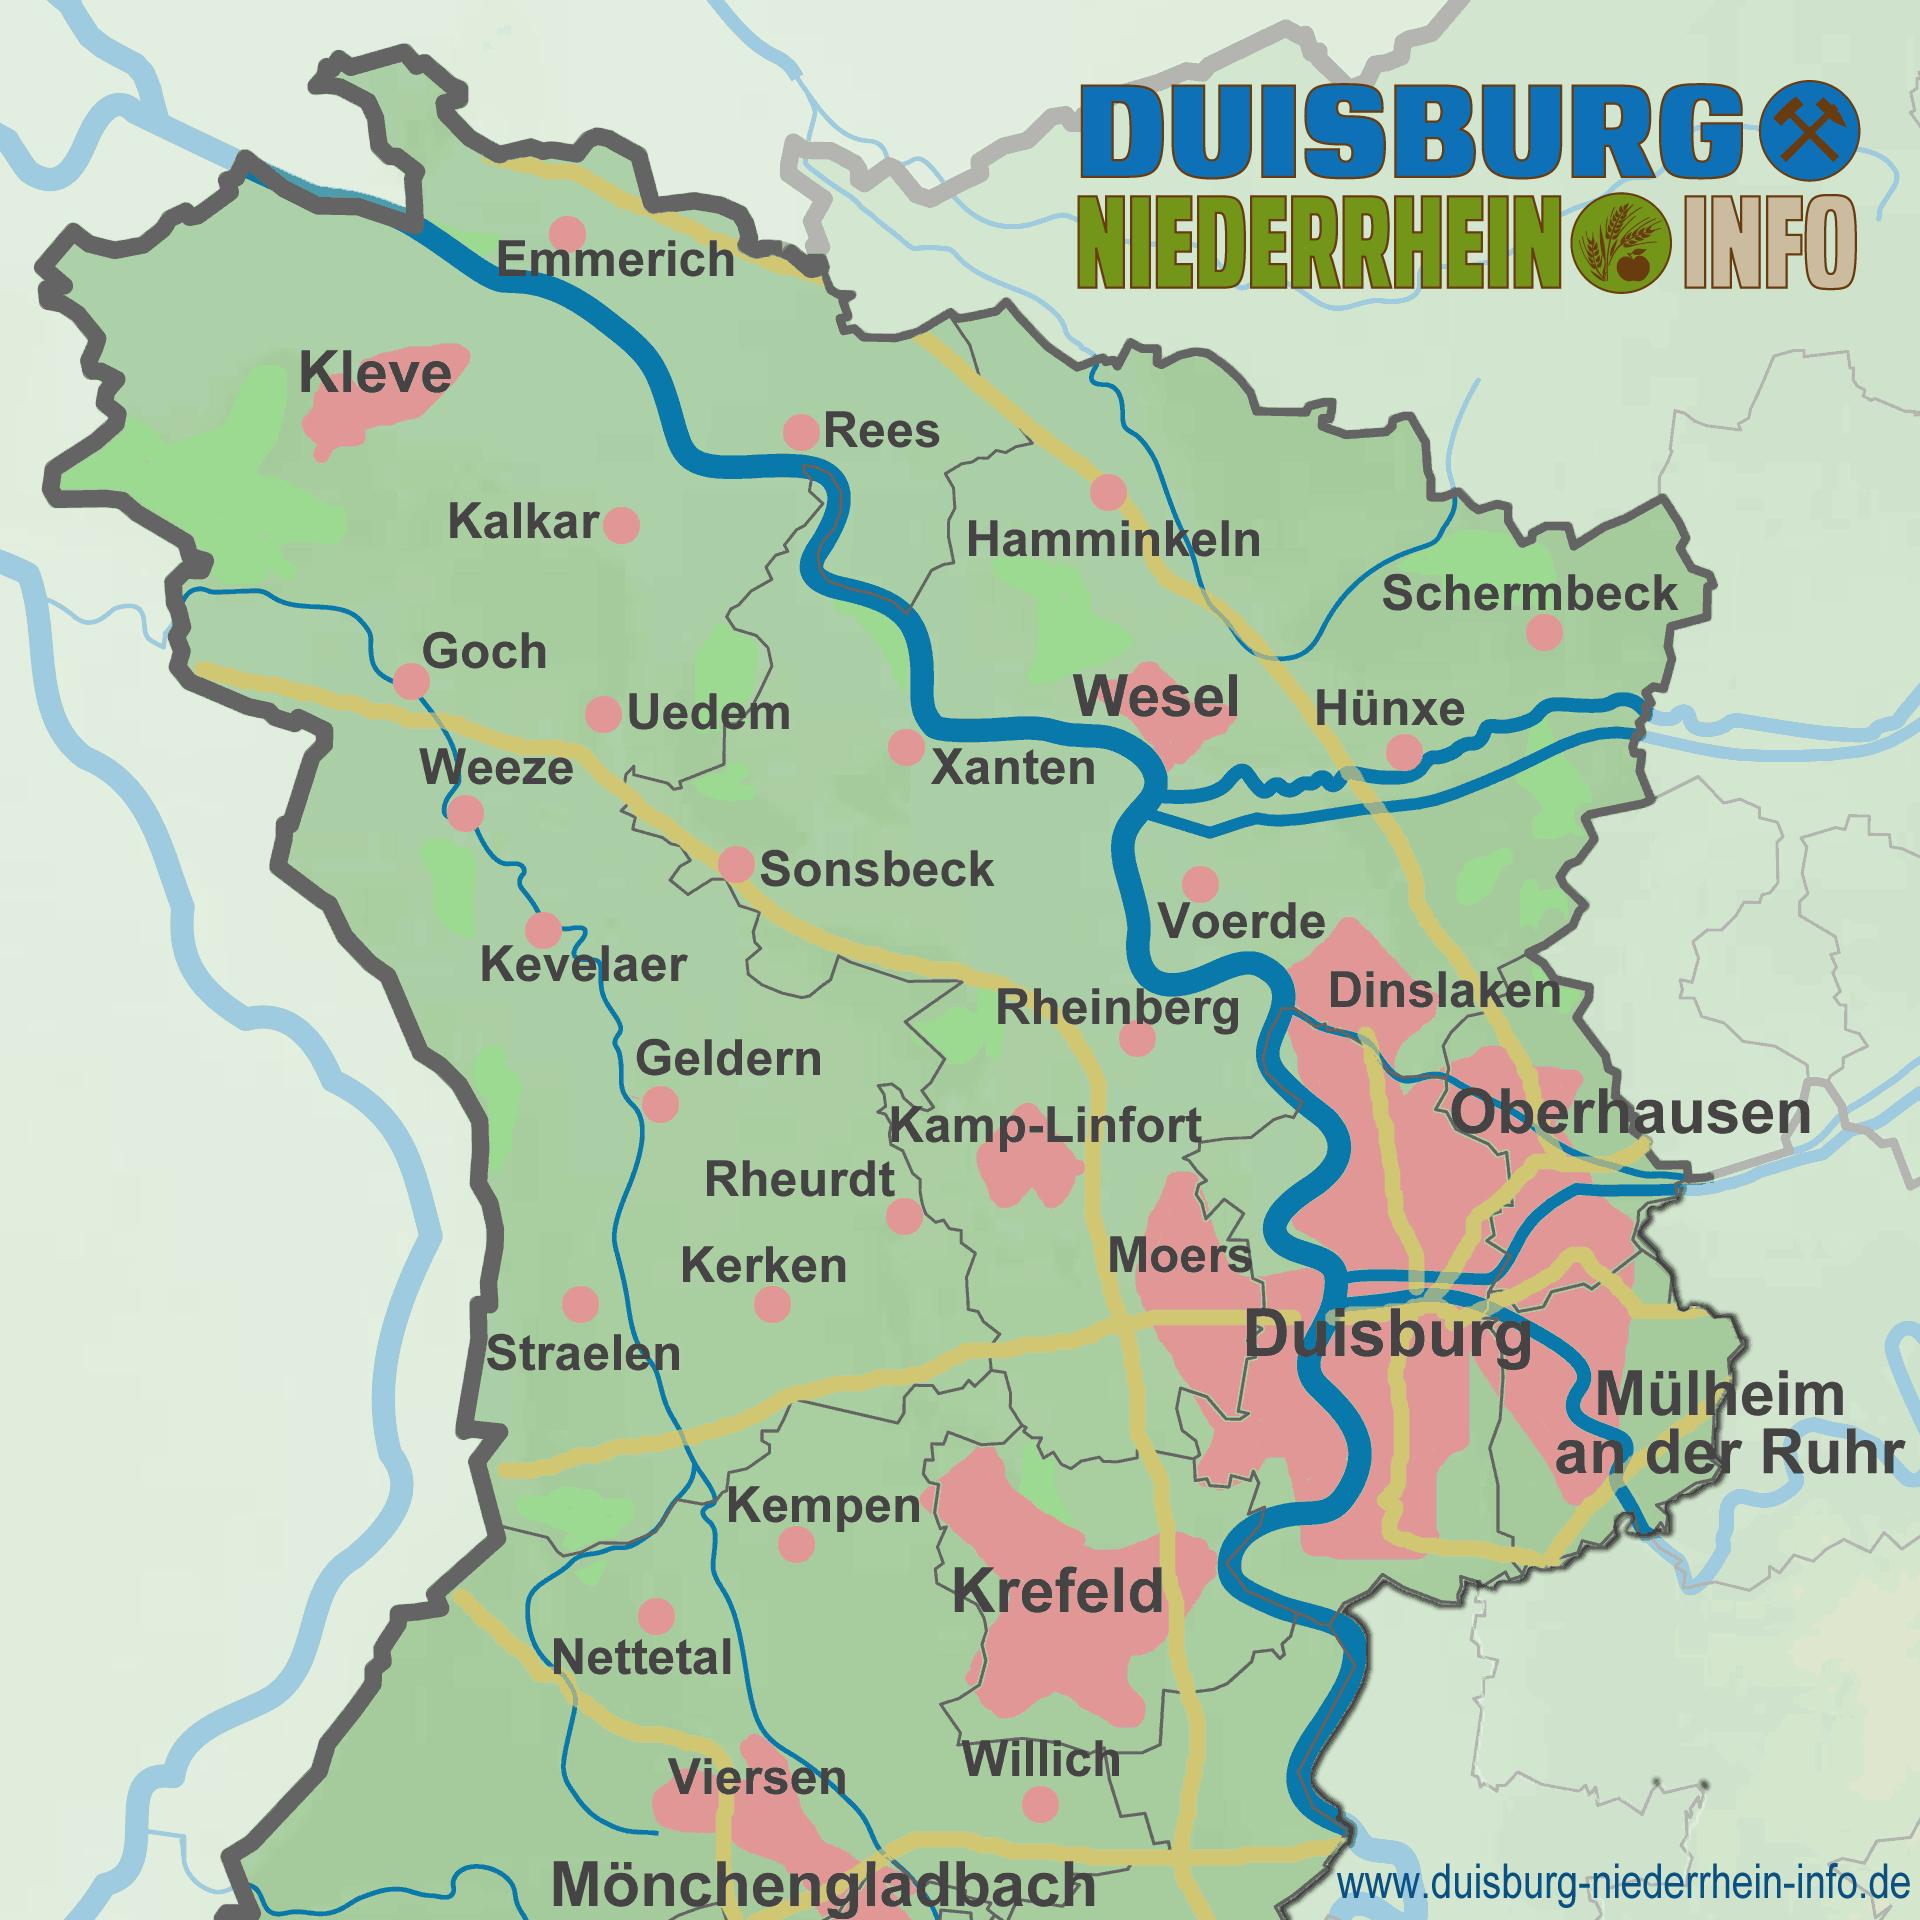 Karte Niederrhein.Niederrhein Abgrenzung Duisburg Niederrhein Info